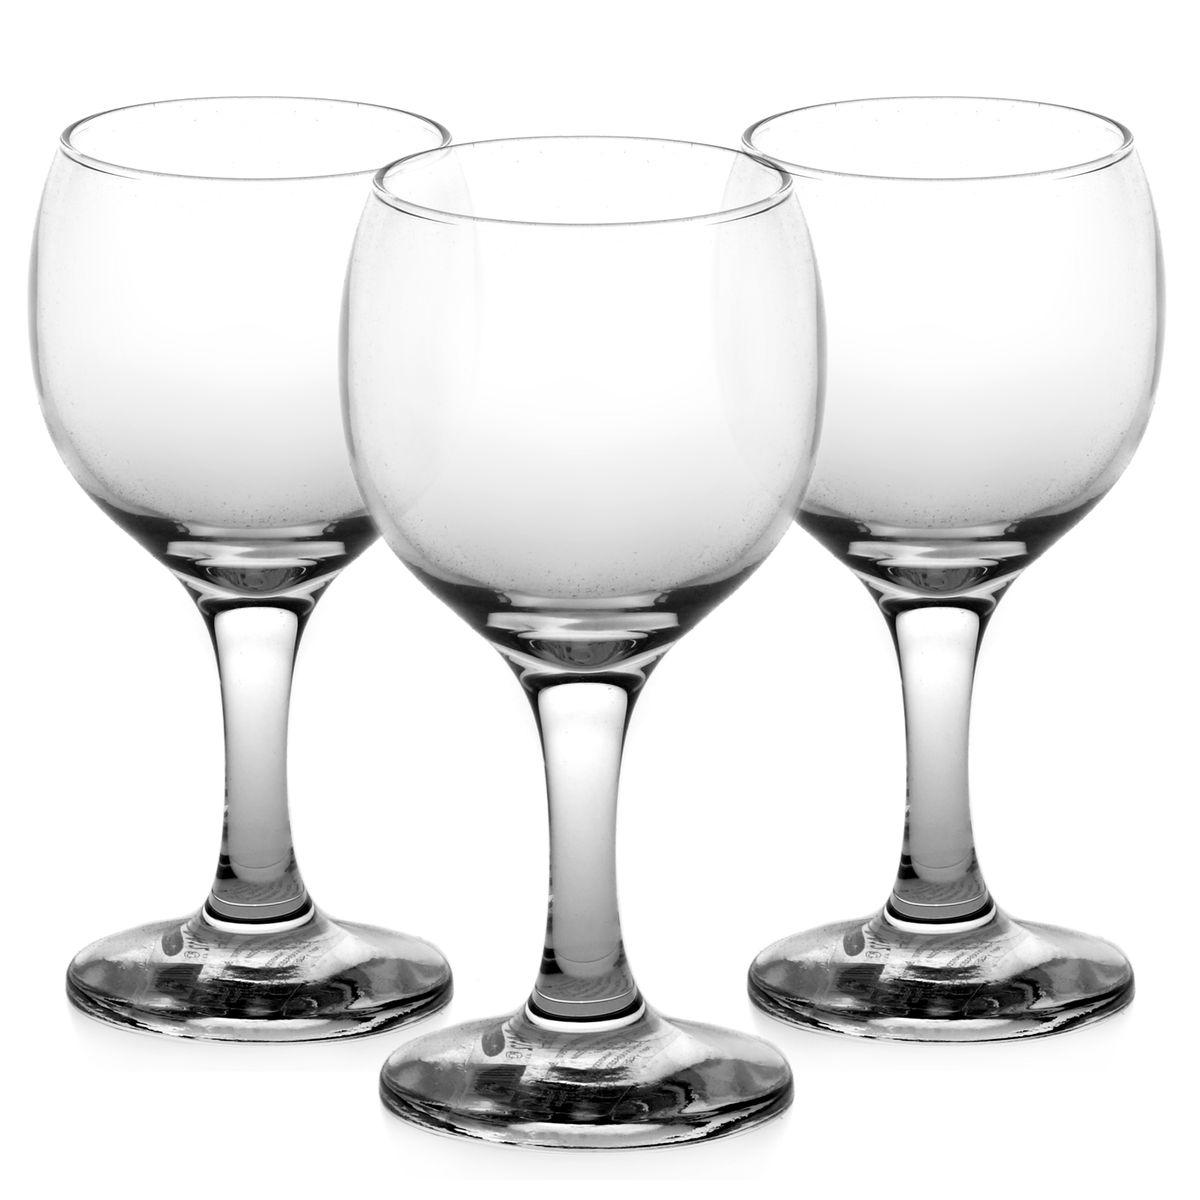 Набор бокалов для белого вина Pasabahce Bistro, 175 мл, 3 шт22570192Набор Pasabahce Bistro состоит из трех бокалов, изготовленных из прочного натрий-кальций-силикатного стекла. Изделия, предназначенные для подачи белого вина, несомненно придутся вам по душе. Бокалы сочетают в себе элегантный дизайн и функциональность. Благодаря такому набору пить напитки будет еще вкуснее. Набор бокалов Pasabahce Bistro идеально подойдет для сервировки стола и станет отличным подарком к любому празднику.Можно мыть в посудомоечной машине и использовать в микроволновой печи. Диаметр бокала по верхнему краю: 6 см.Высота бокала: 13 см.